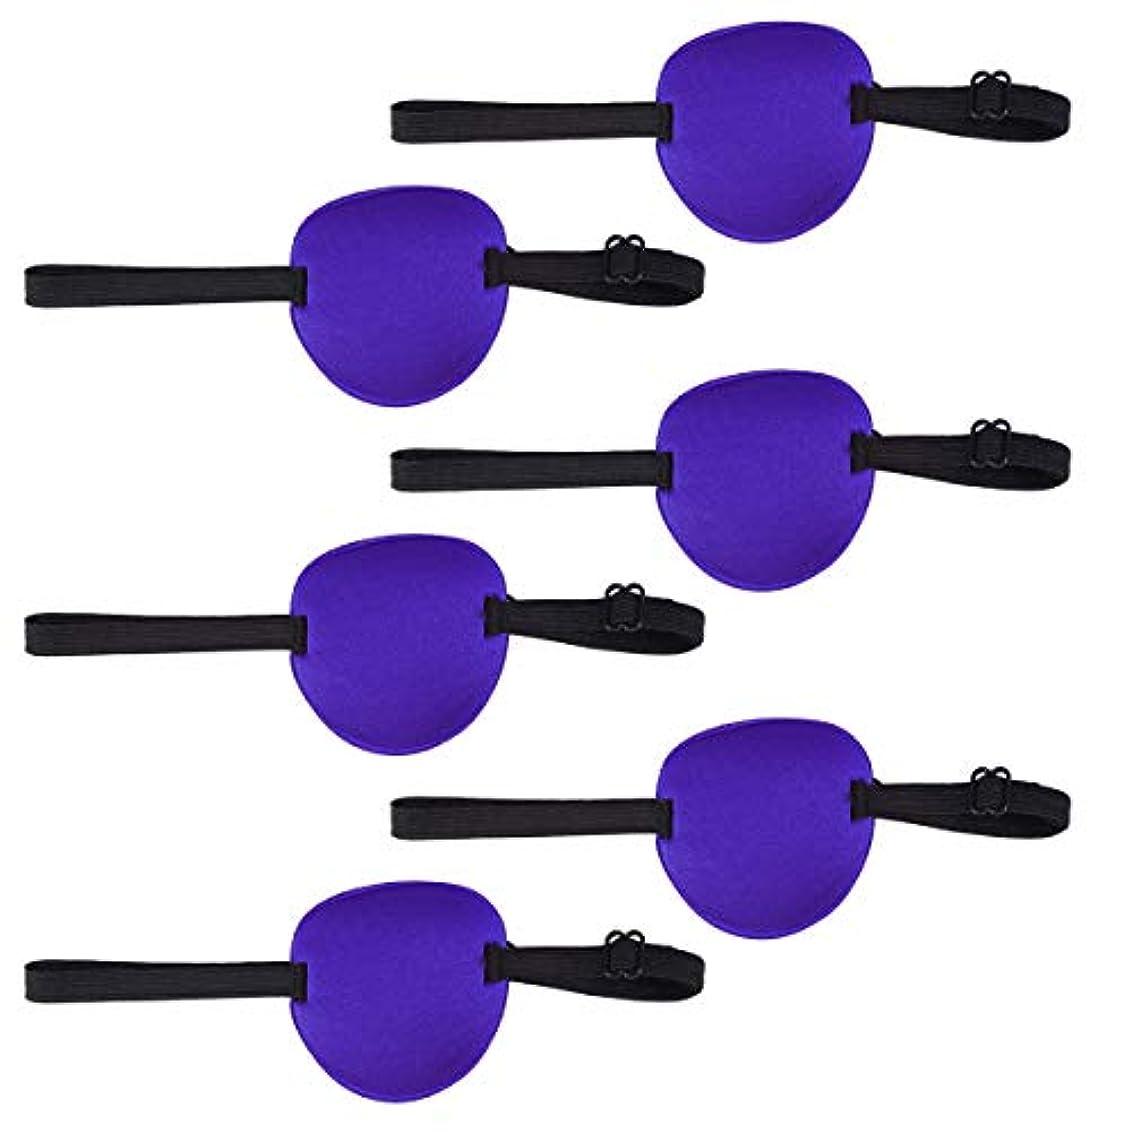 シャンプー薬剤師報酬Healifty 調節可能な弾性バックル付きアイパッチ弱視スポンジアイパッチ6個(青)